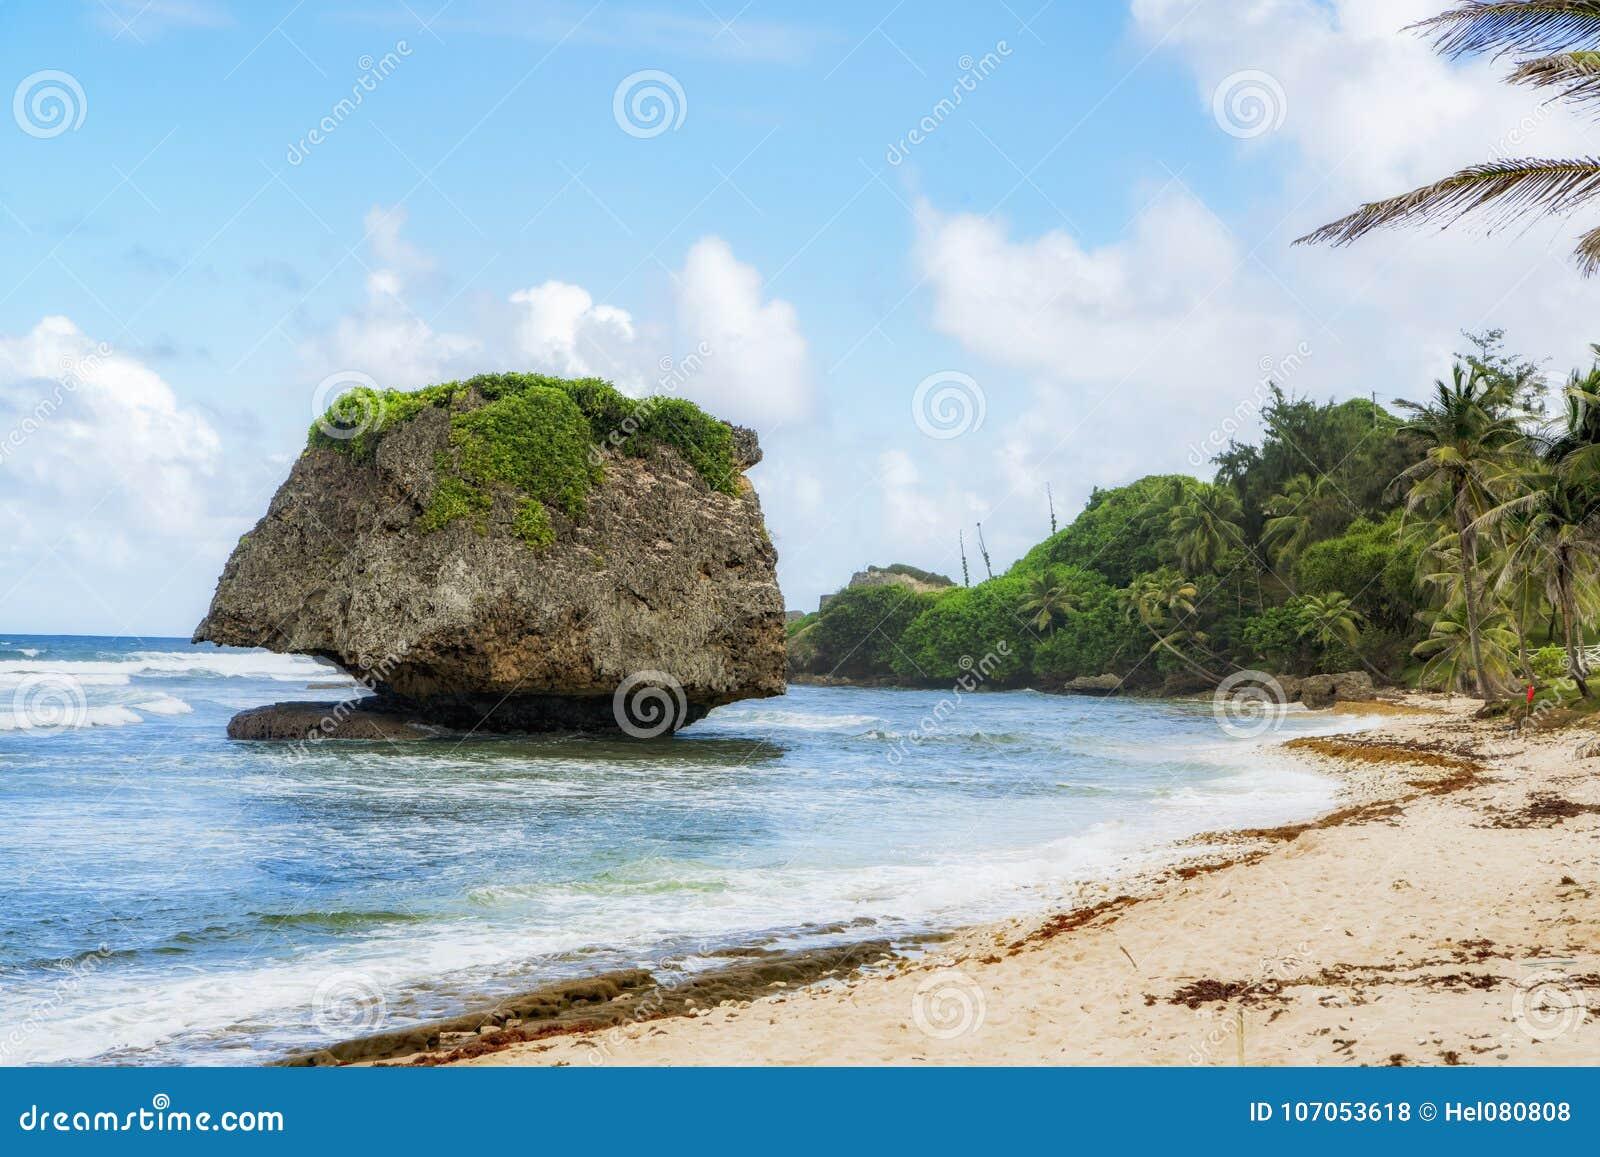 Roca derecha libre de Overgreen, playa de Barbados